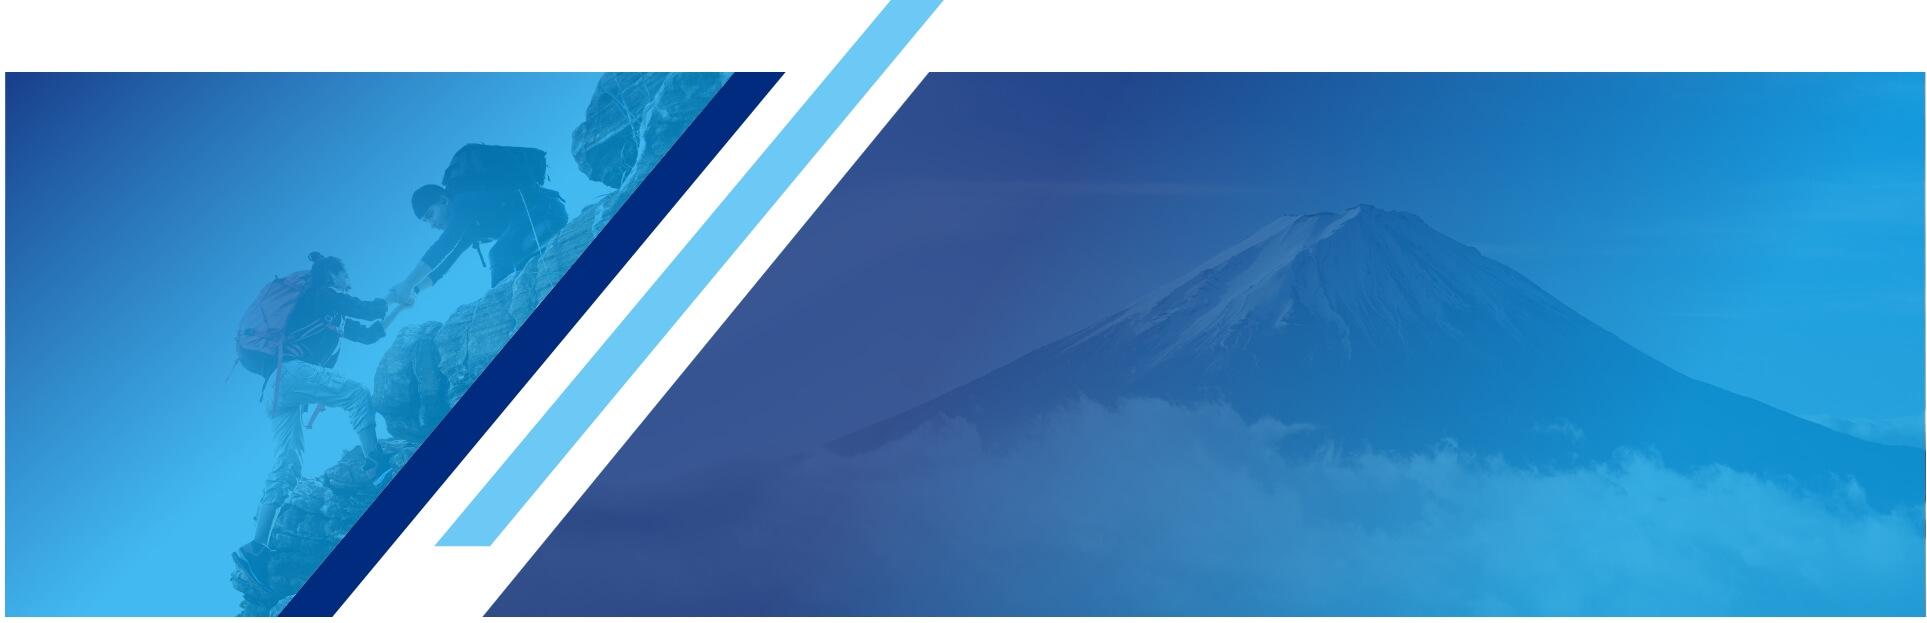 SEO Revolution GmbH - Agentur für Suchmaschinenoptimierung in Berlin